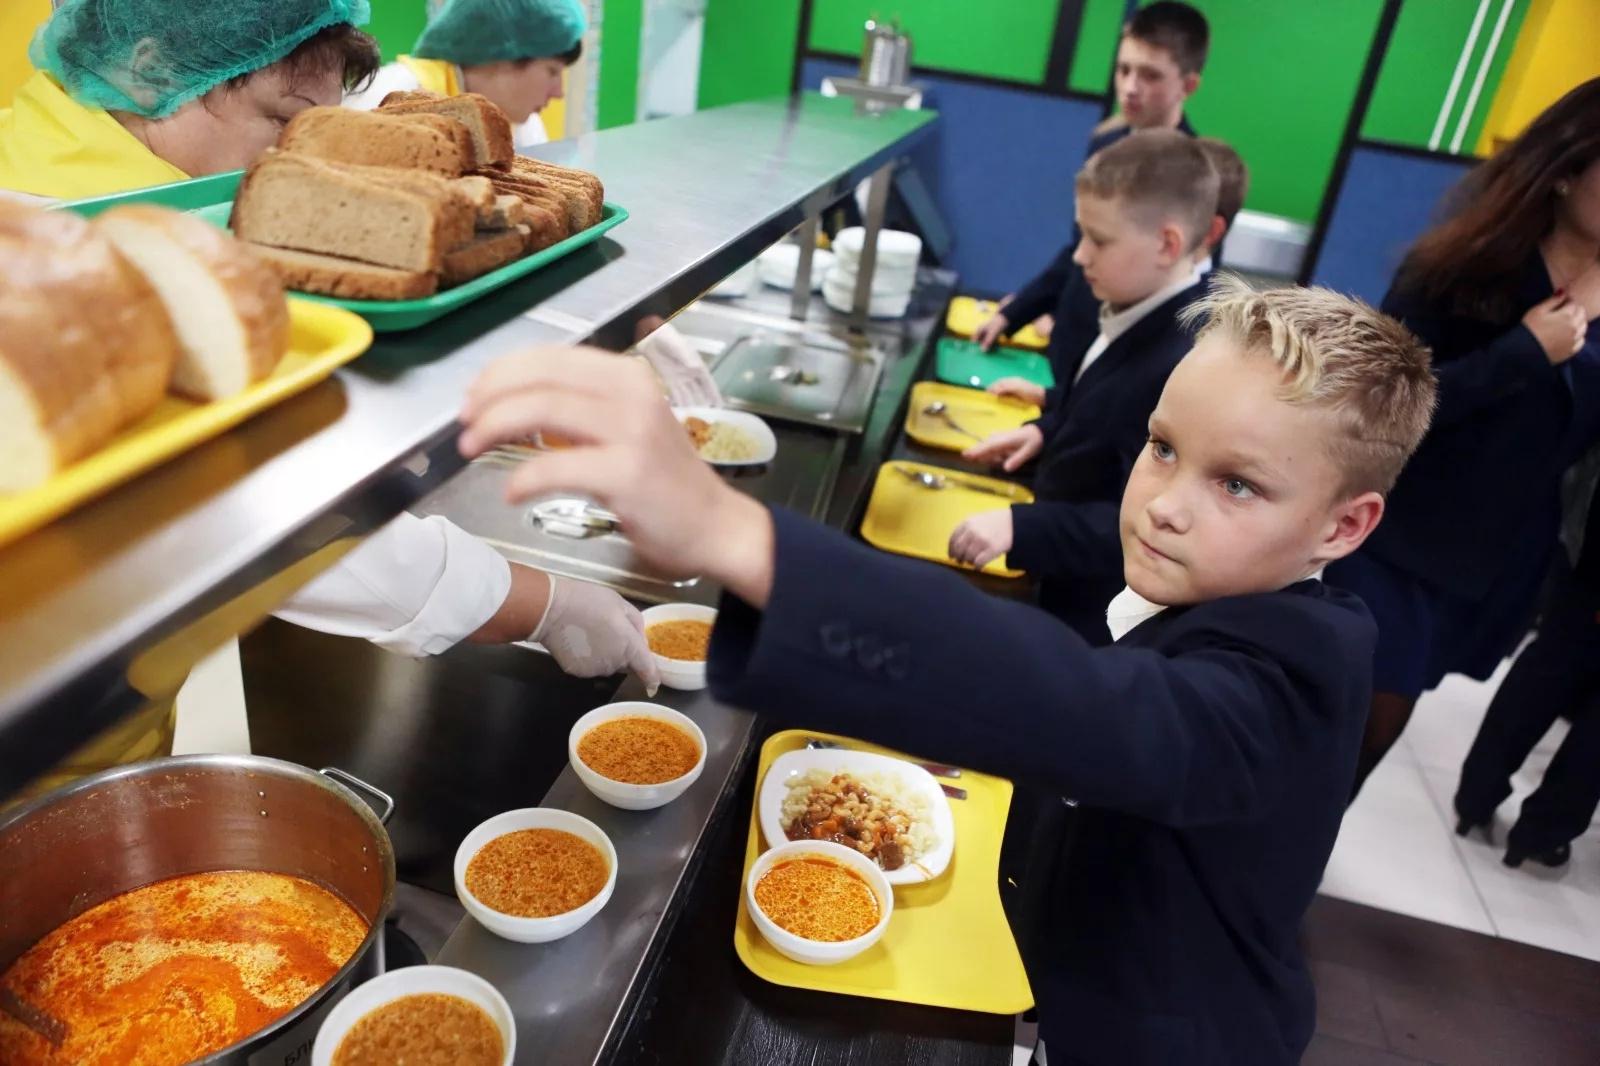 Минпросвещения примет методические рекомендации по усилению контроля родителей за горячим питанием